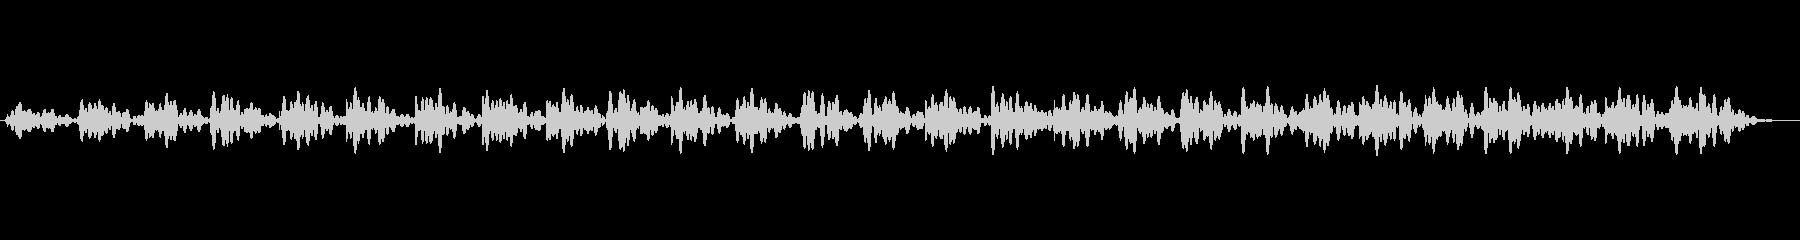 アラーム-アラーム、アップテンポの未再生の波形